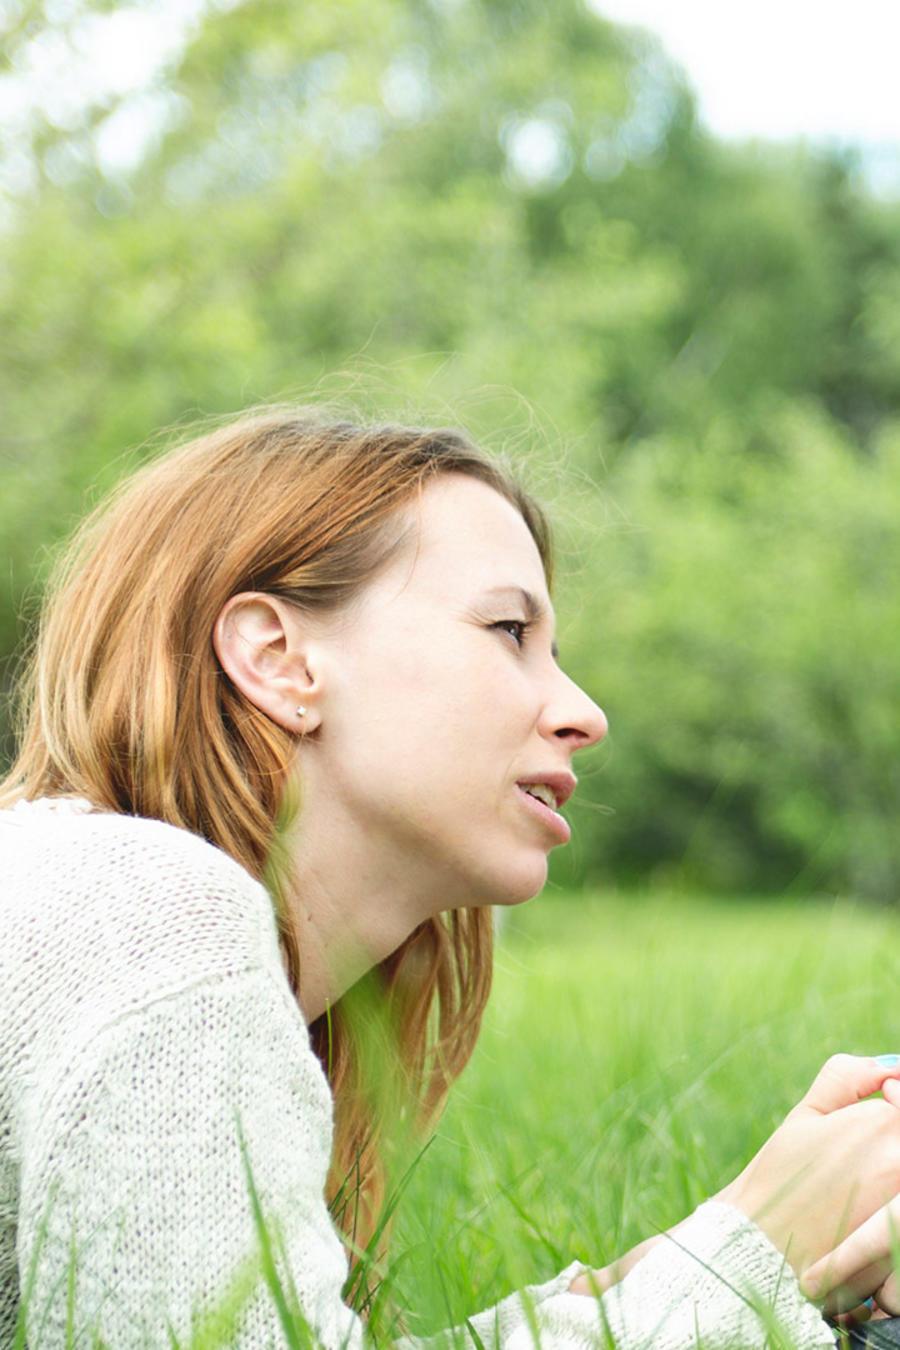 Madre habla con hija en el pasto